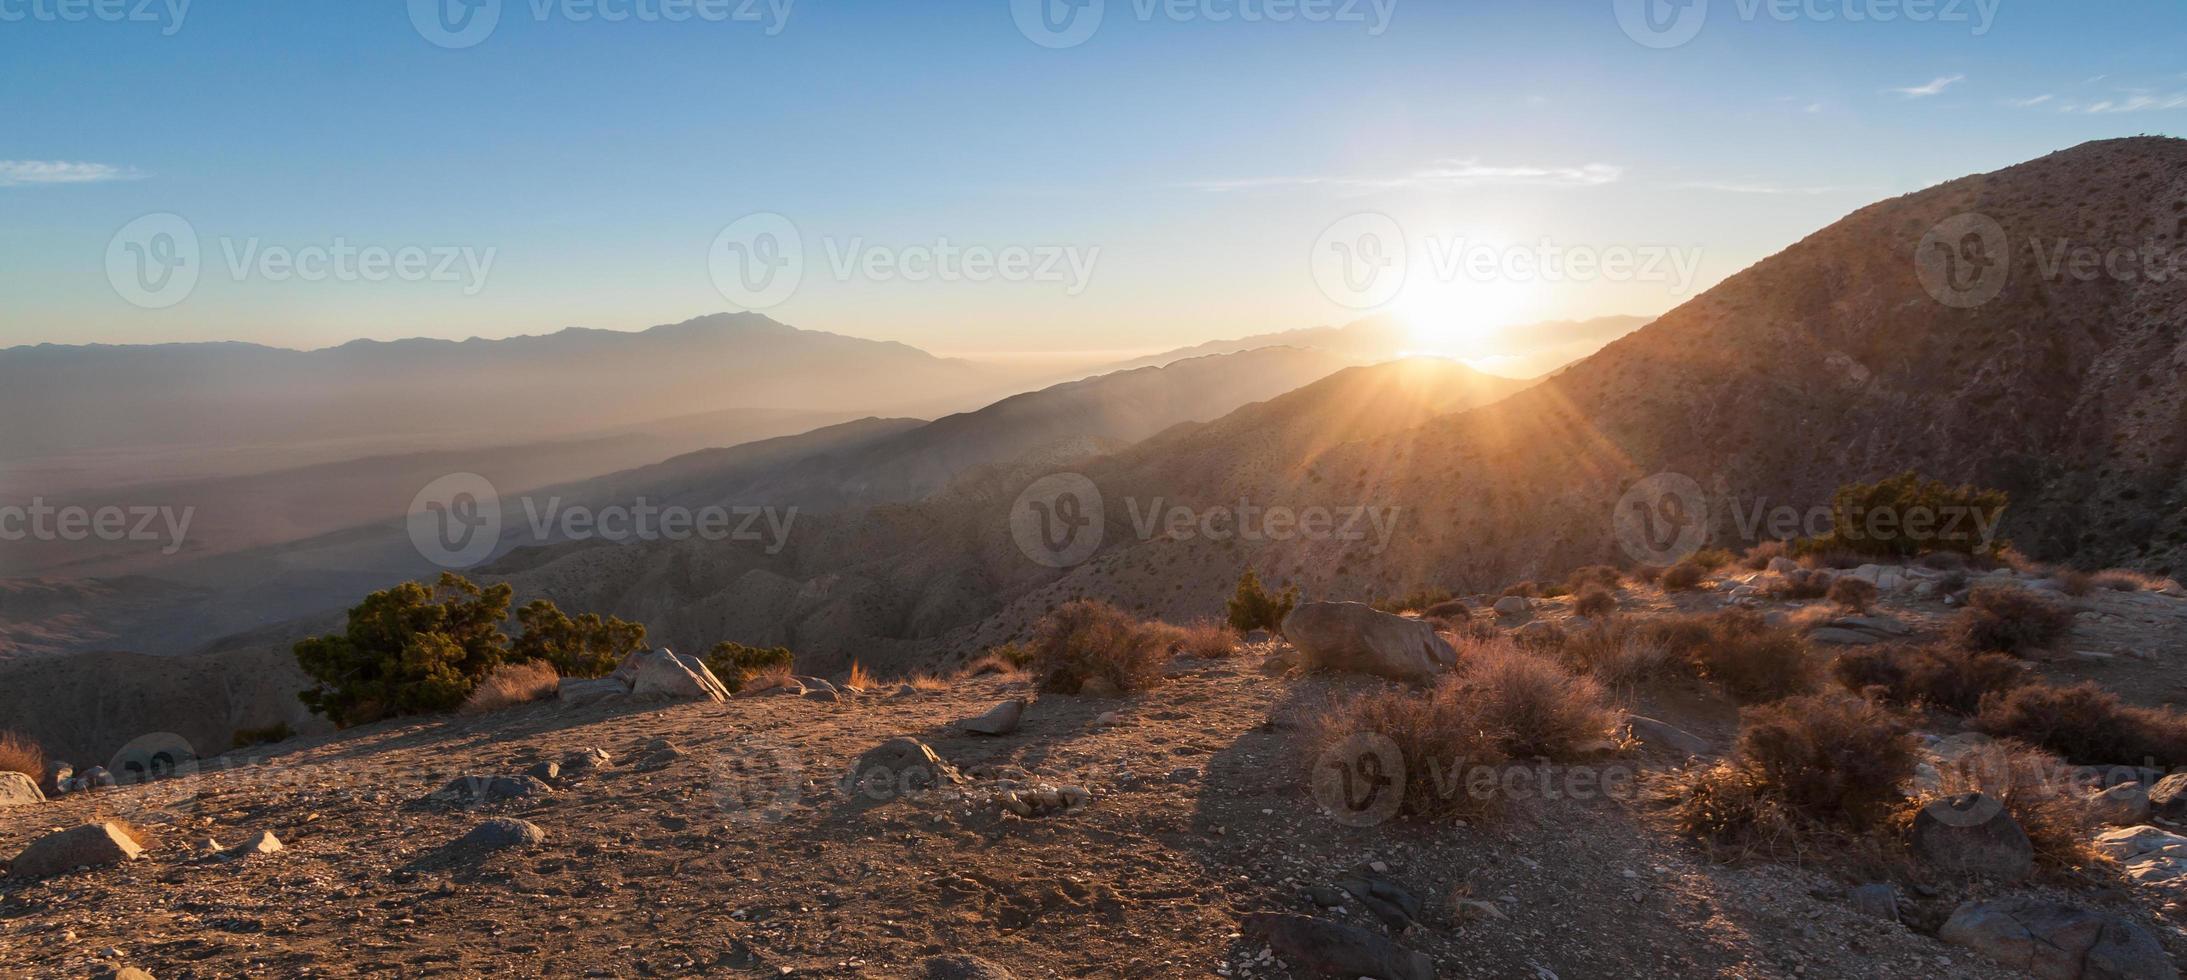 raggi del sole sulla catena montuosa nel deserto foto